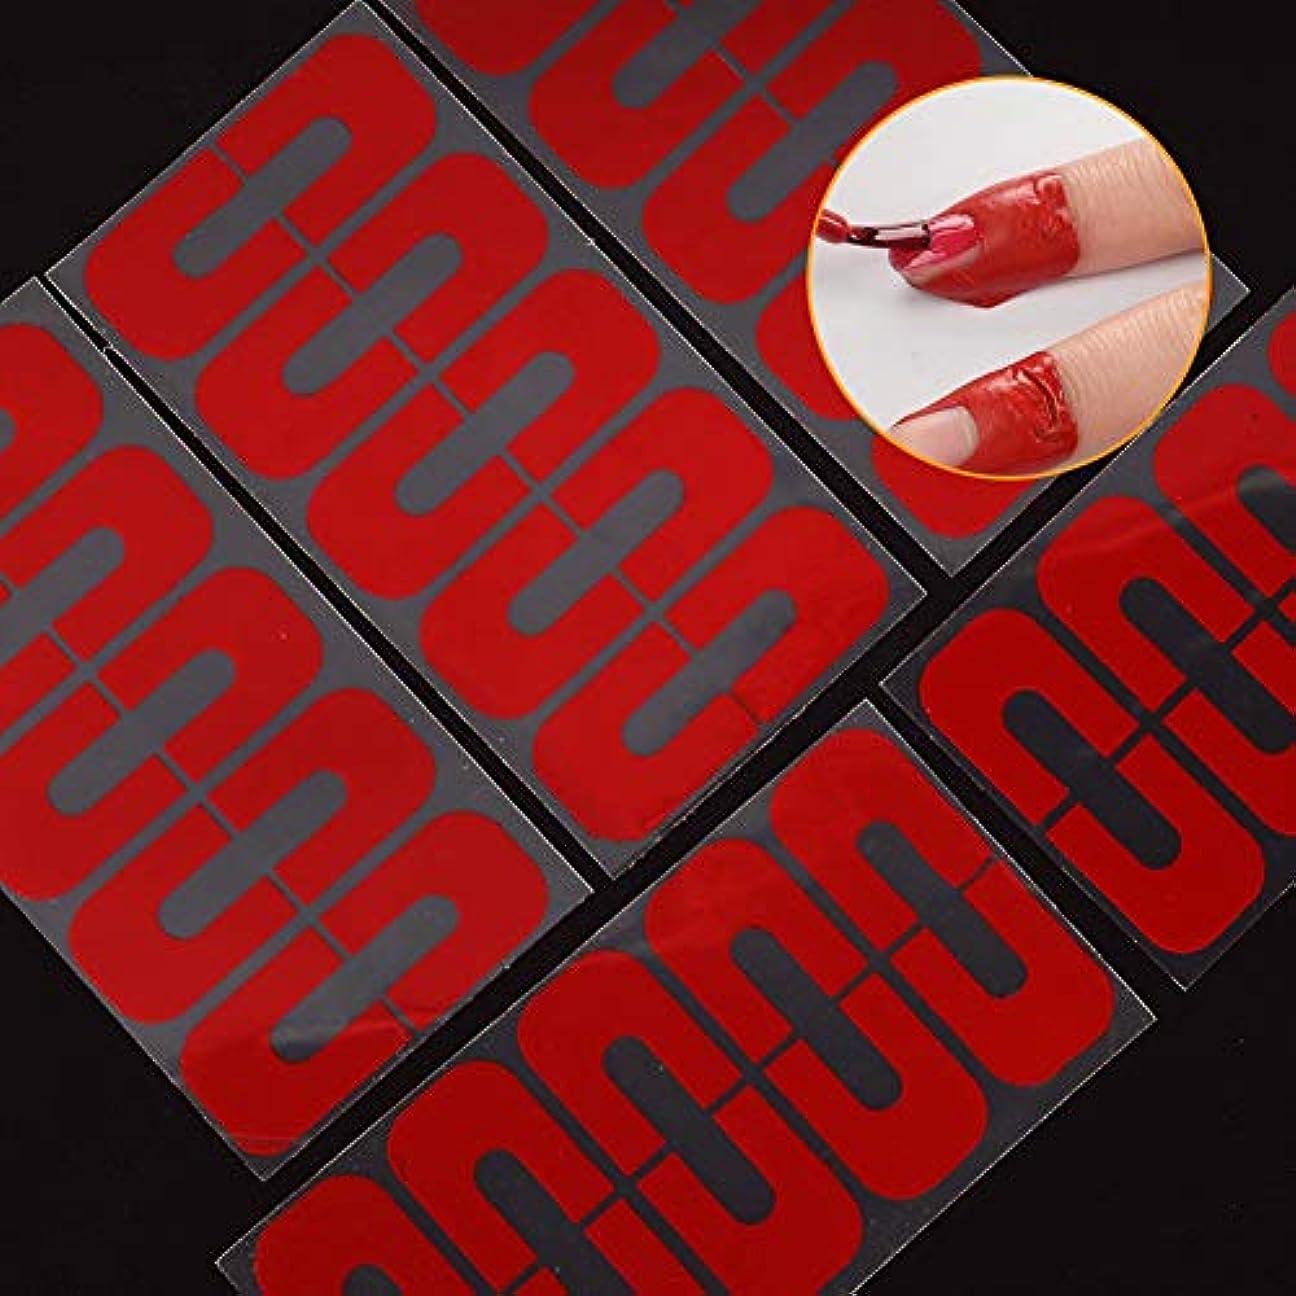 クラッシュエンドテーブル活性化hamulekfae-50個使い捨てU字型こぼれ防止ネイルプロテクター弾性指カバーステッカー - 赤50個Red50pcs